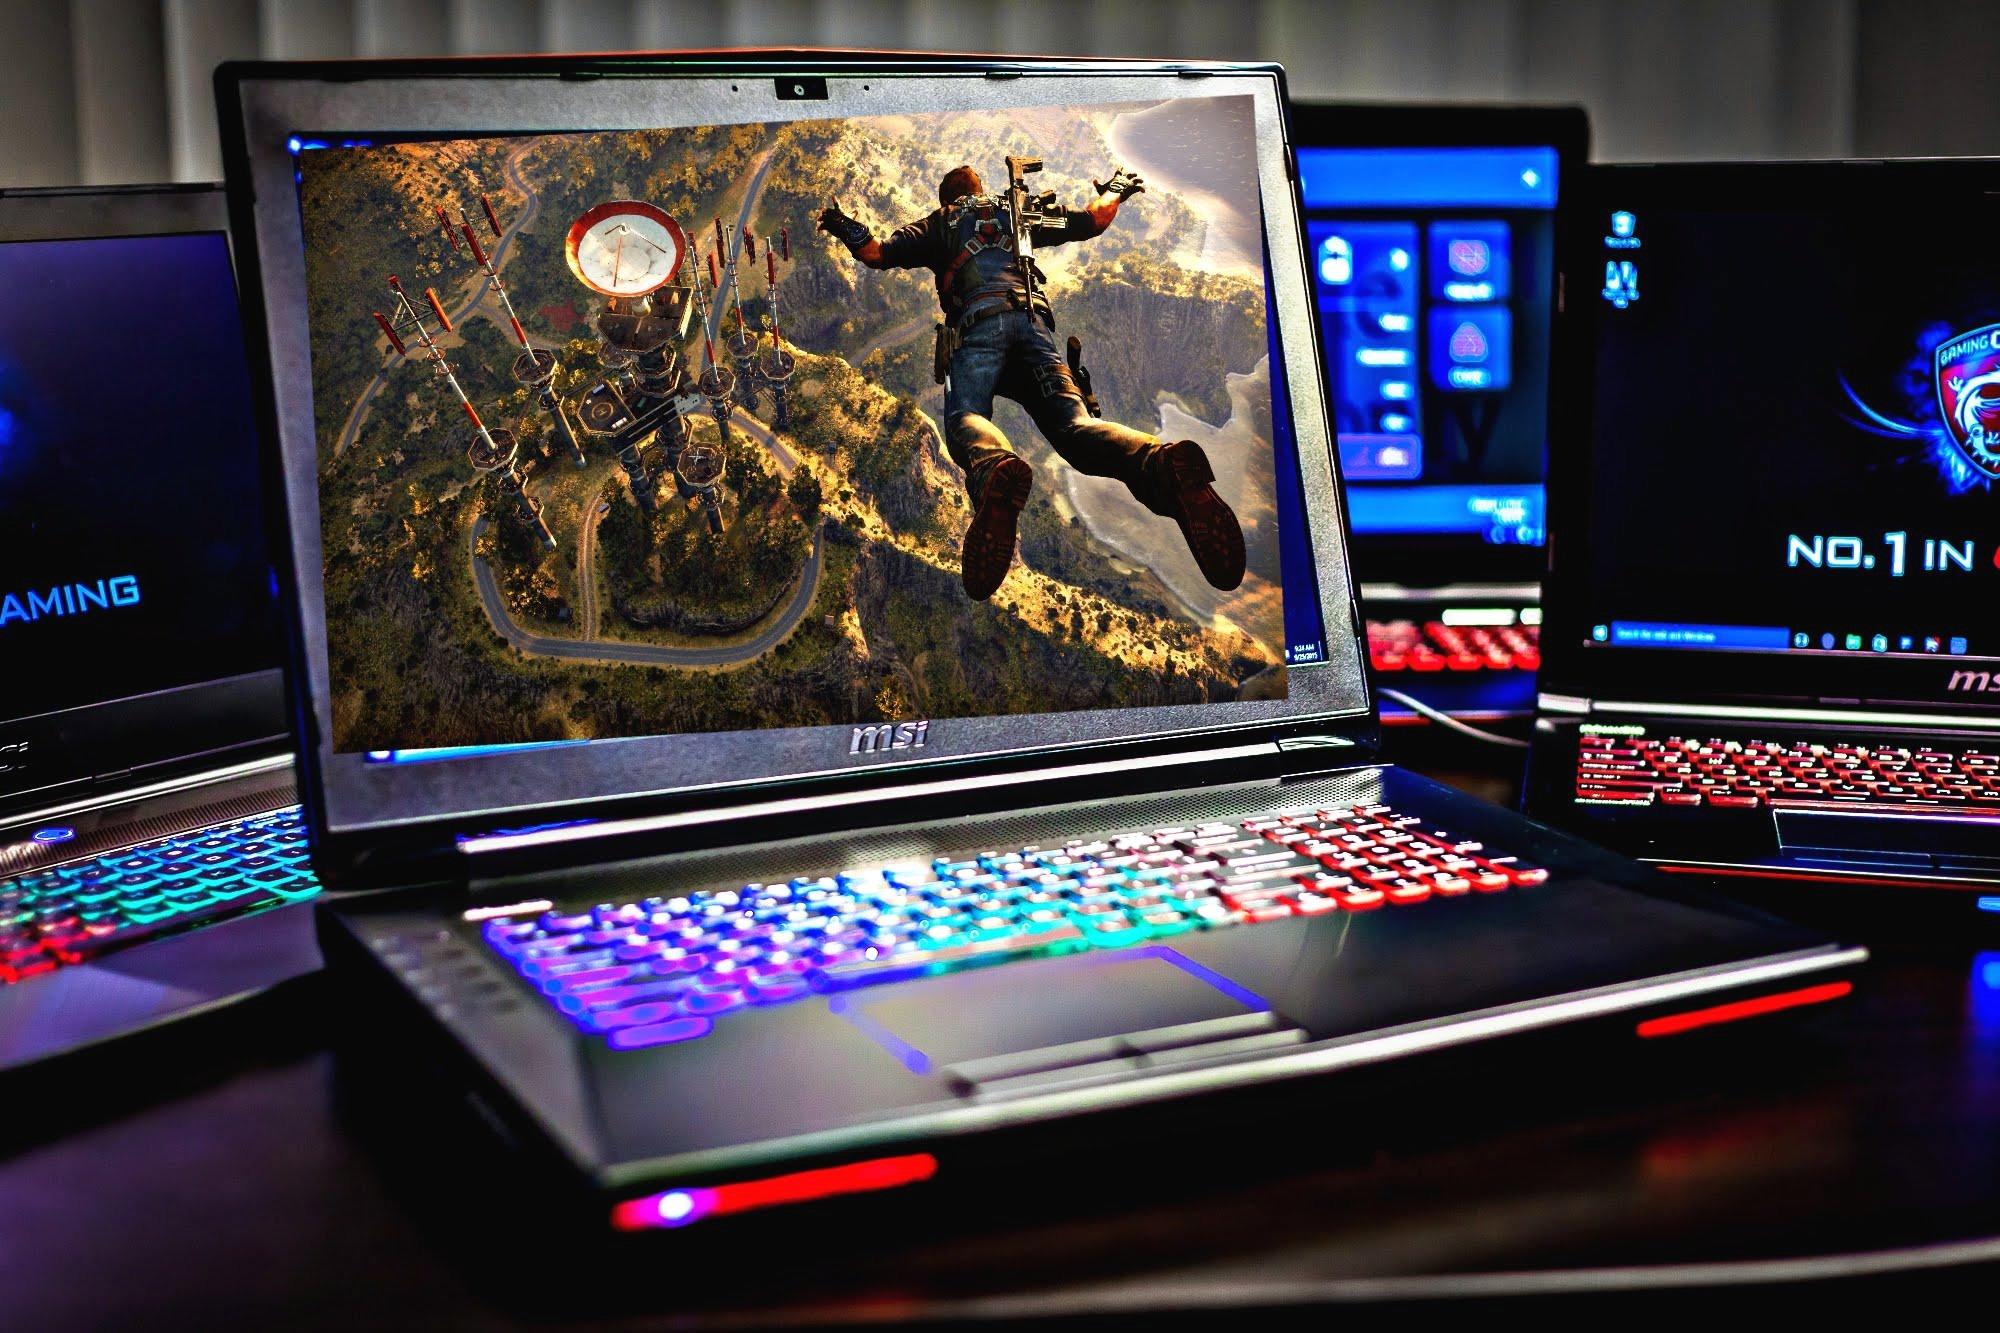 Как выбрать ноутбук - игровой ноутбук